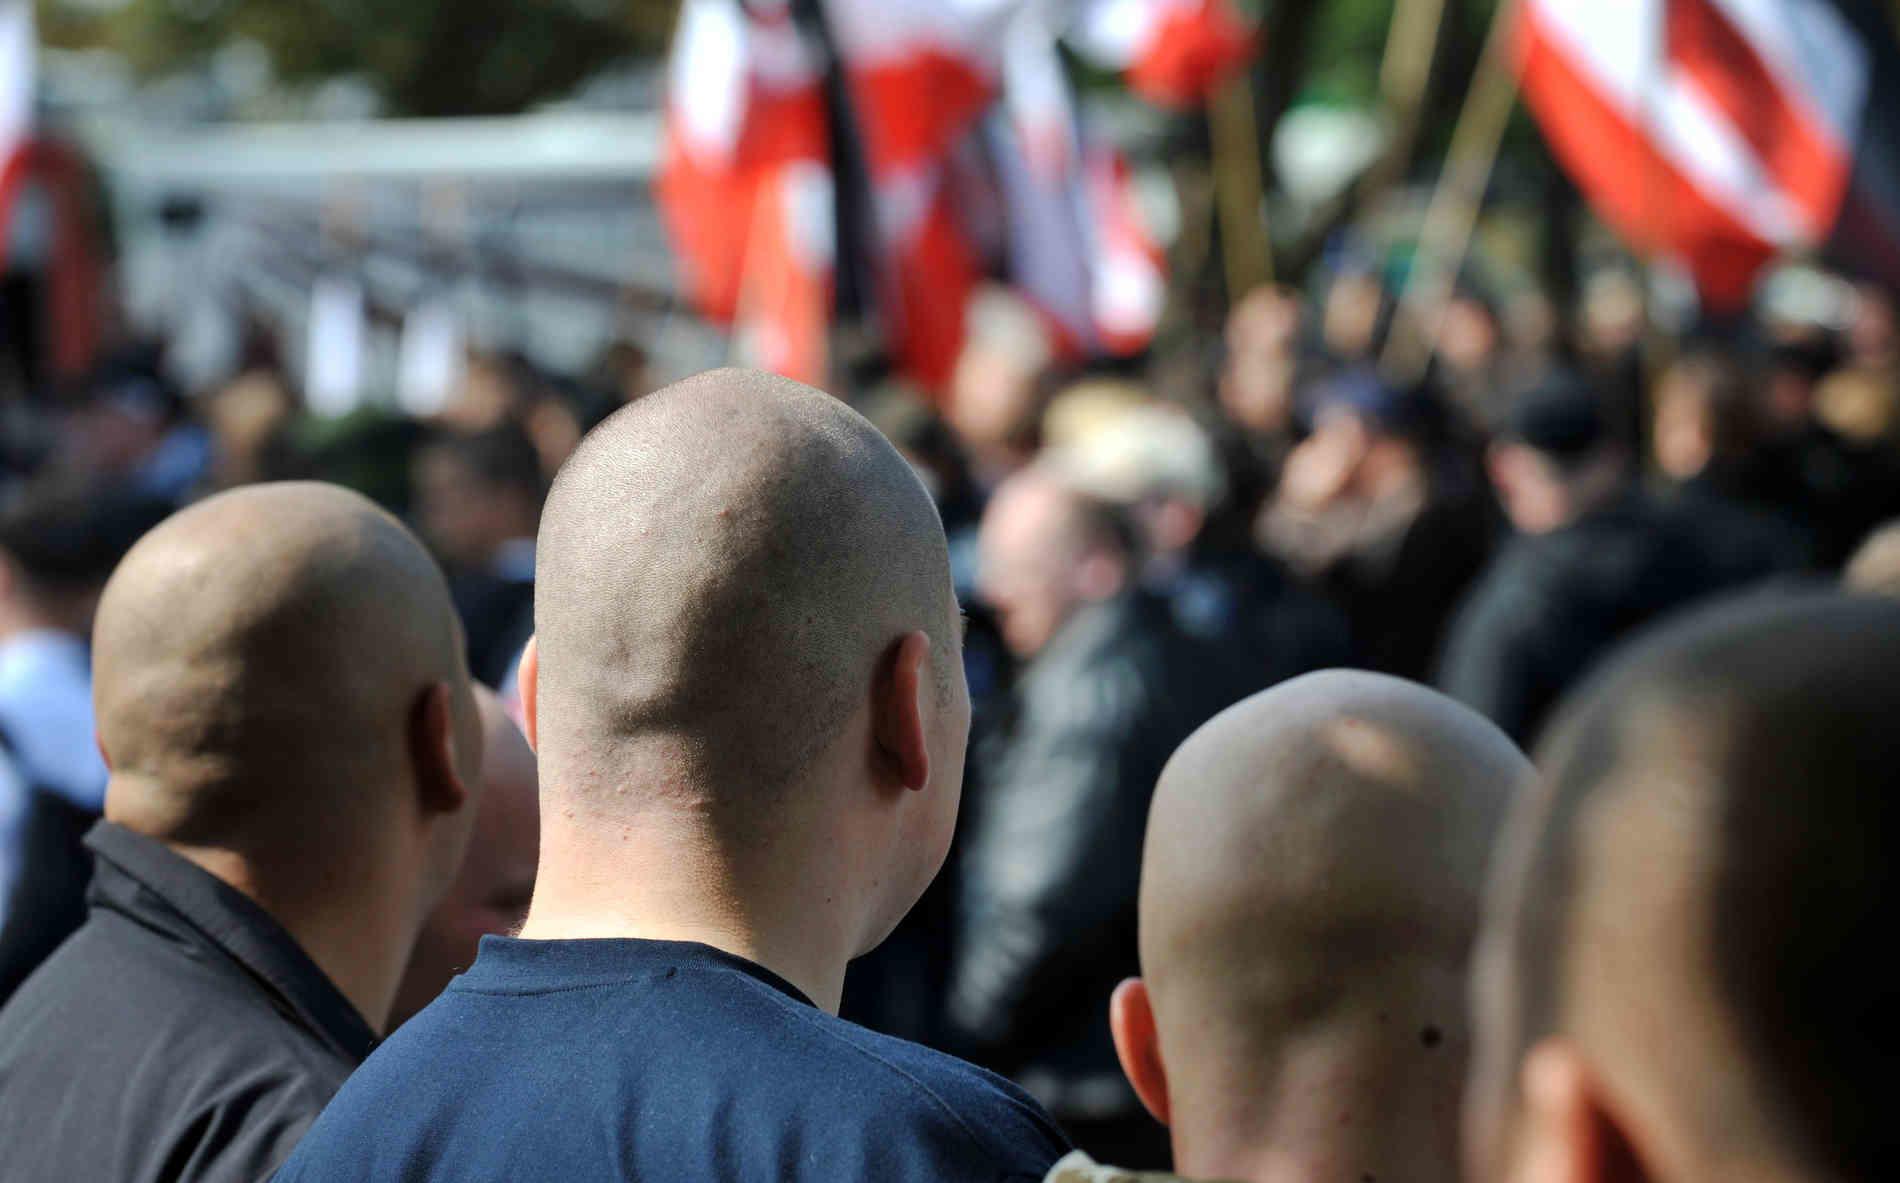 Kommentar zum Naziterror: Schließt die sicherheitspolitische Mottenkiste!